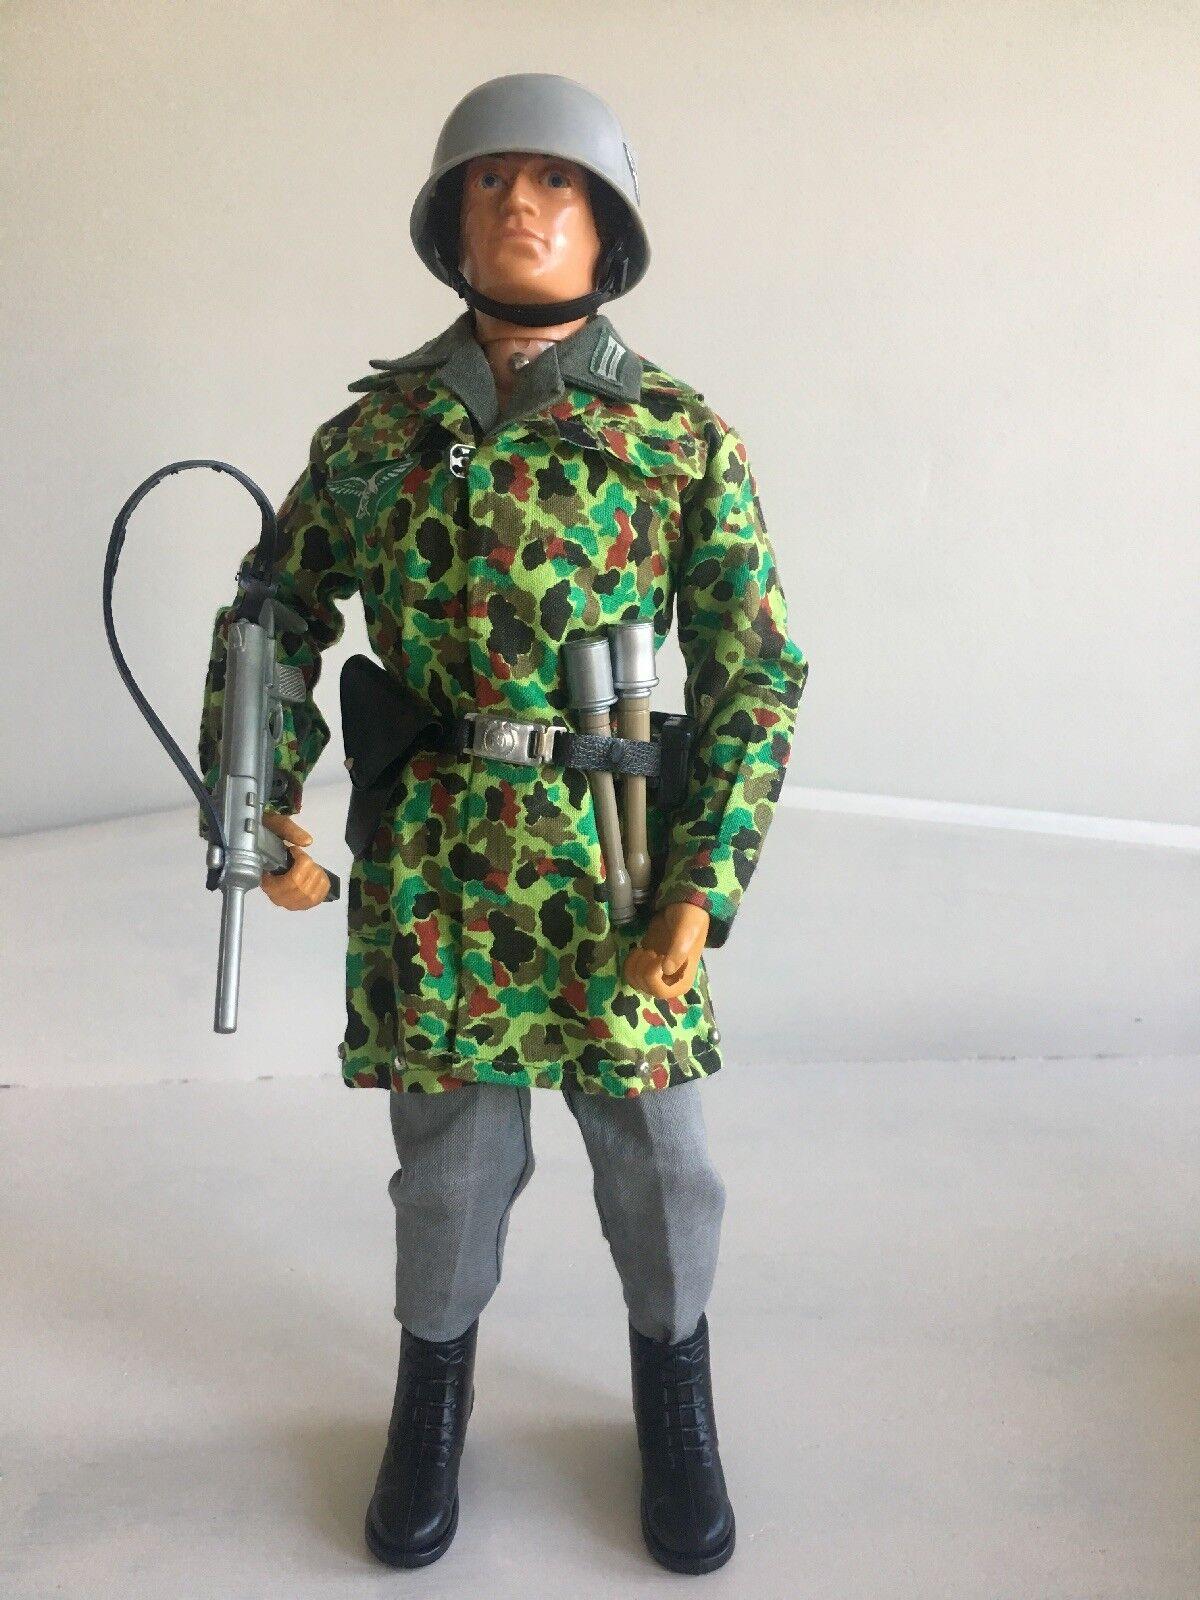 Vintage Action Man German Paratrooper 1964 Eagle Eyes Para Stunning